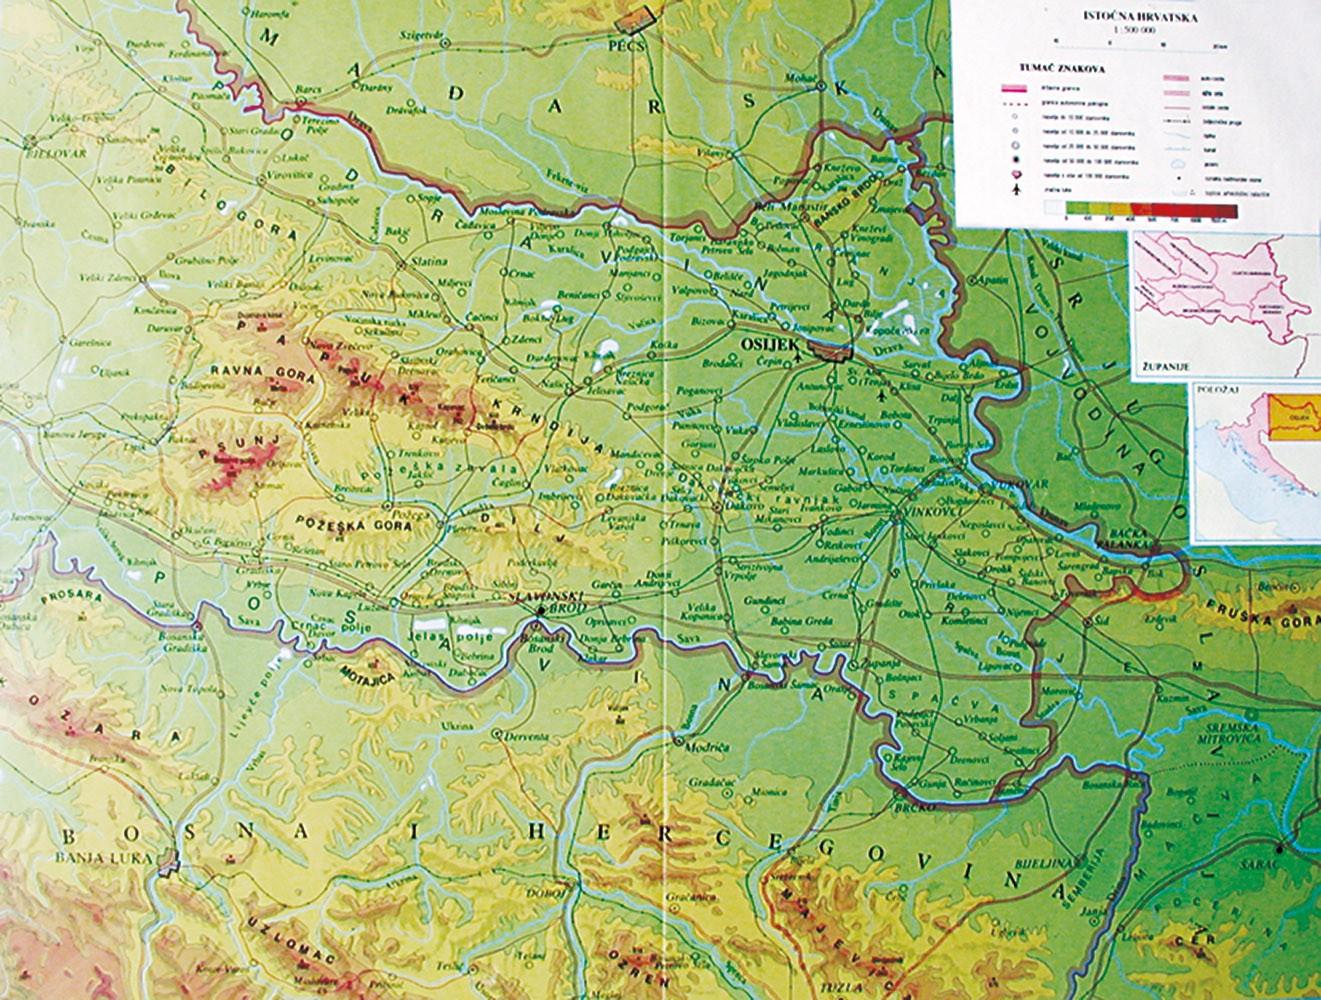 Regijska karta: Istočna Hrvatska